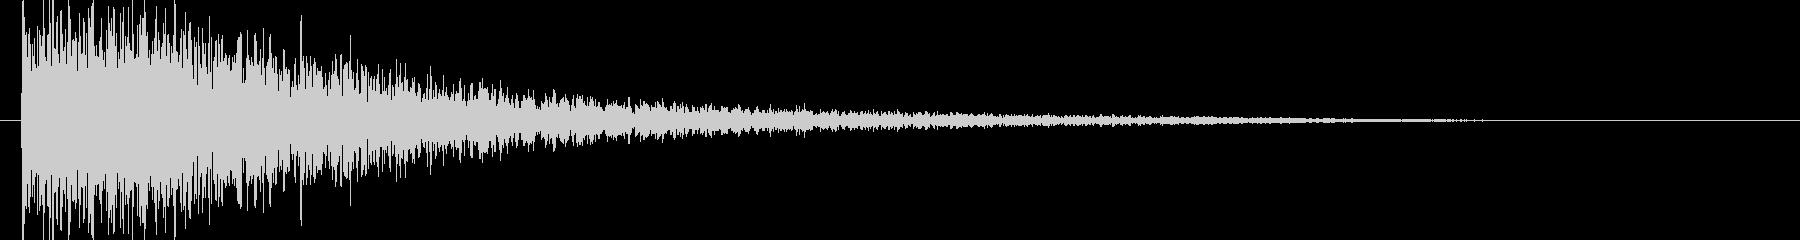 映画告知音124 ドーンの未再生の波形